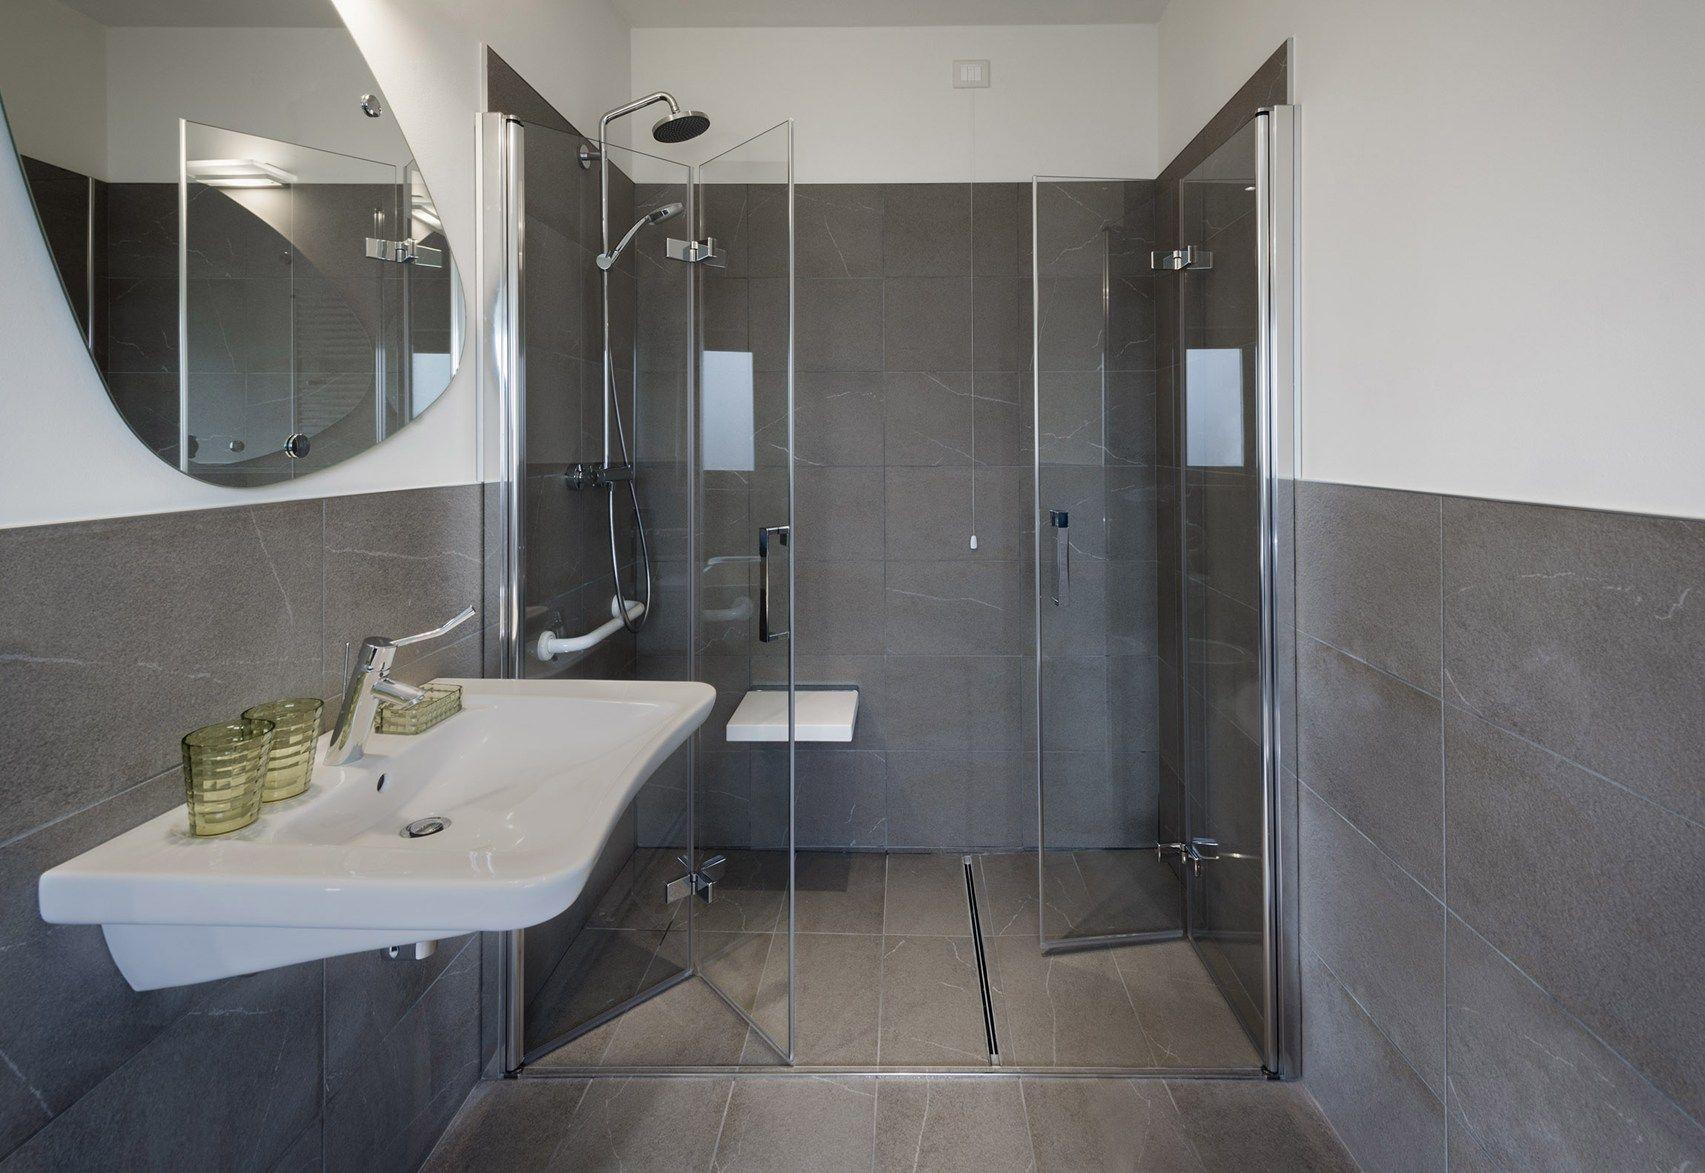 Boiserie Bagno Altezza : Risultati immagini per gres bagno altezza casa mia nonna